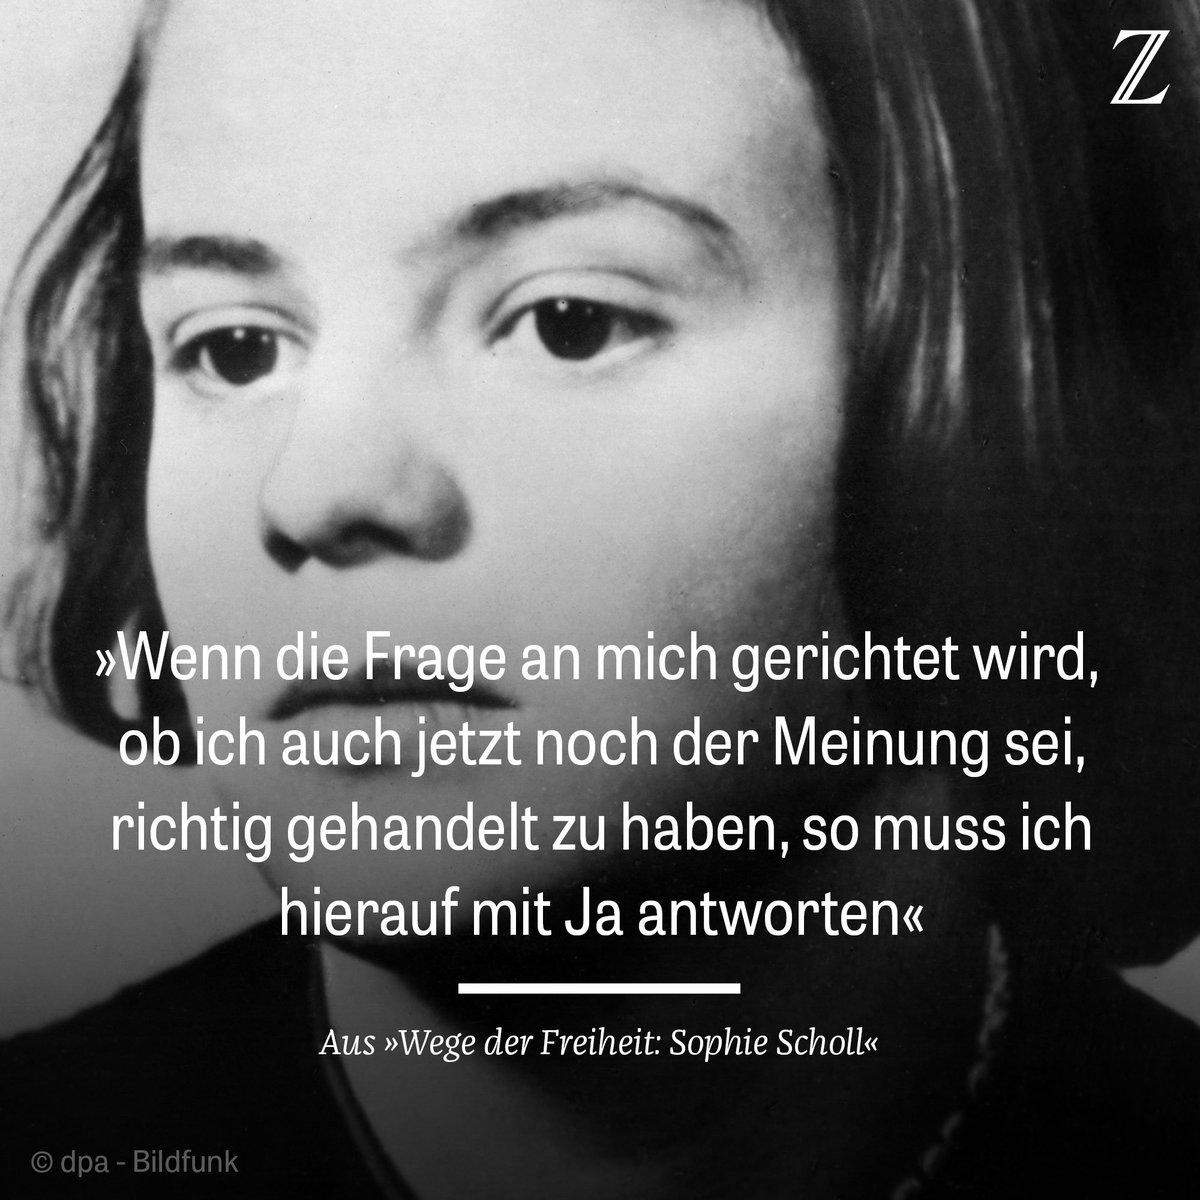 Am 22. Februar 1943 wurde Sophie #Scholl von den Nazis umgebracht. Man hat sie vielfach verkitscht. Doch ihr Leben ist nach wie vor ein Lehrstück über den Mut zu Erkenntnis und Selbsterkenntnis, schreibt unsere Autorin. https://t.co/jFiTy21jD6 #WeisseRose  #Archiv